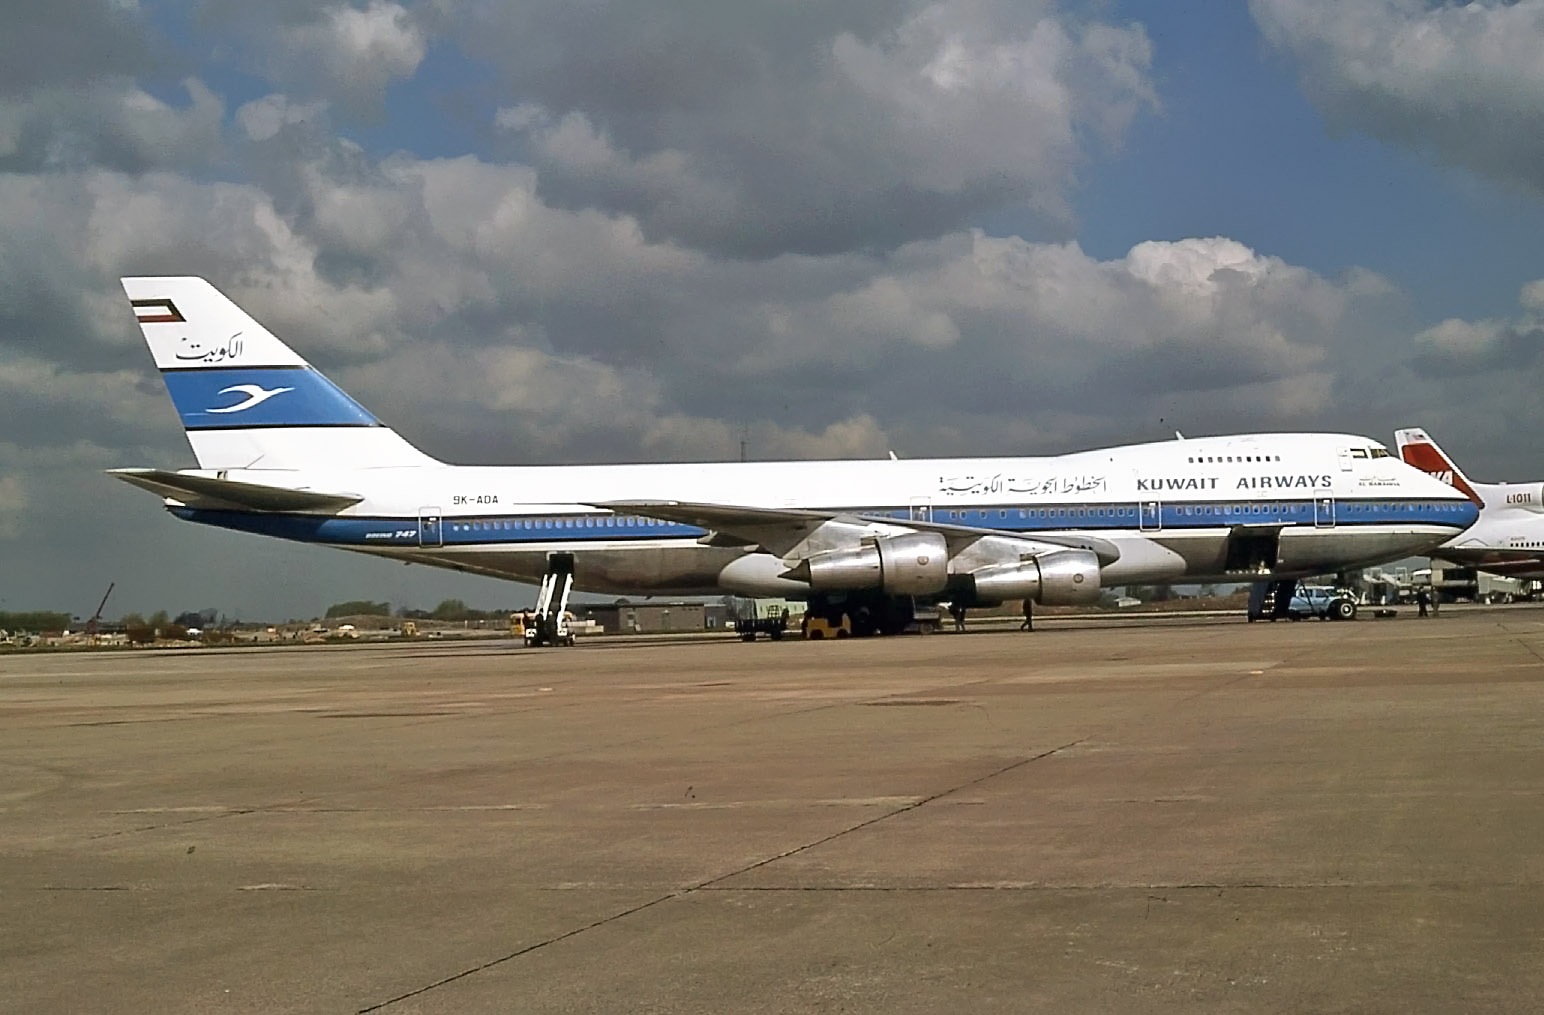 9K-ADA (01-05-1981).jpg